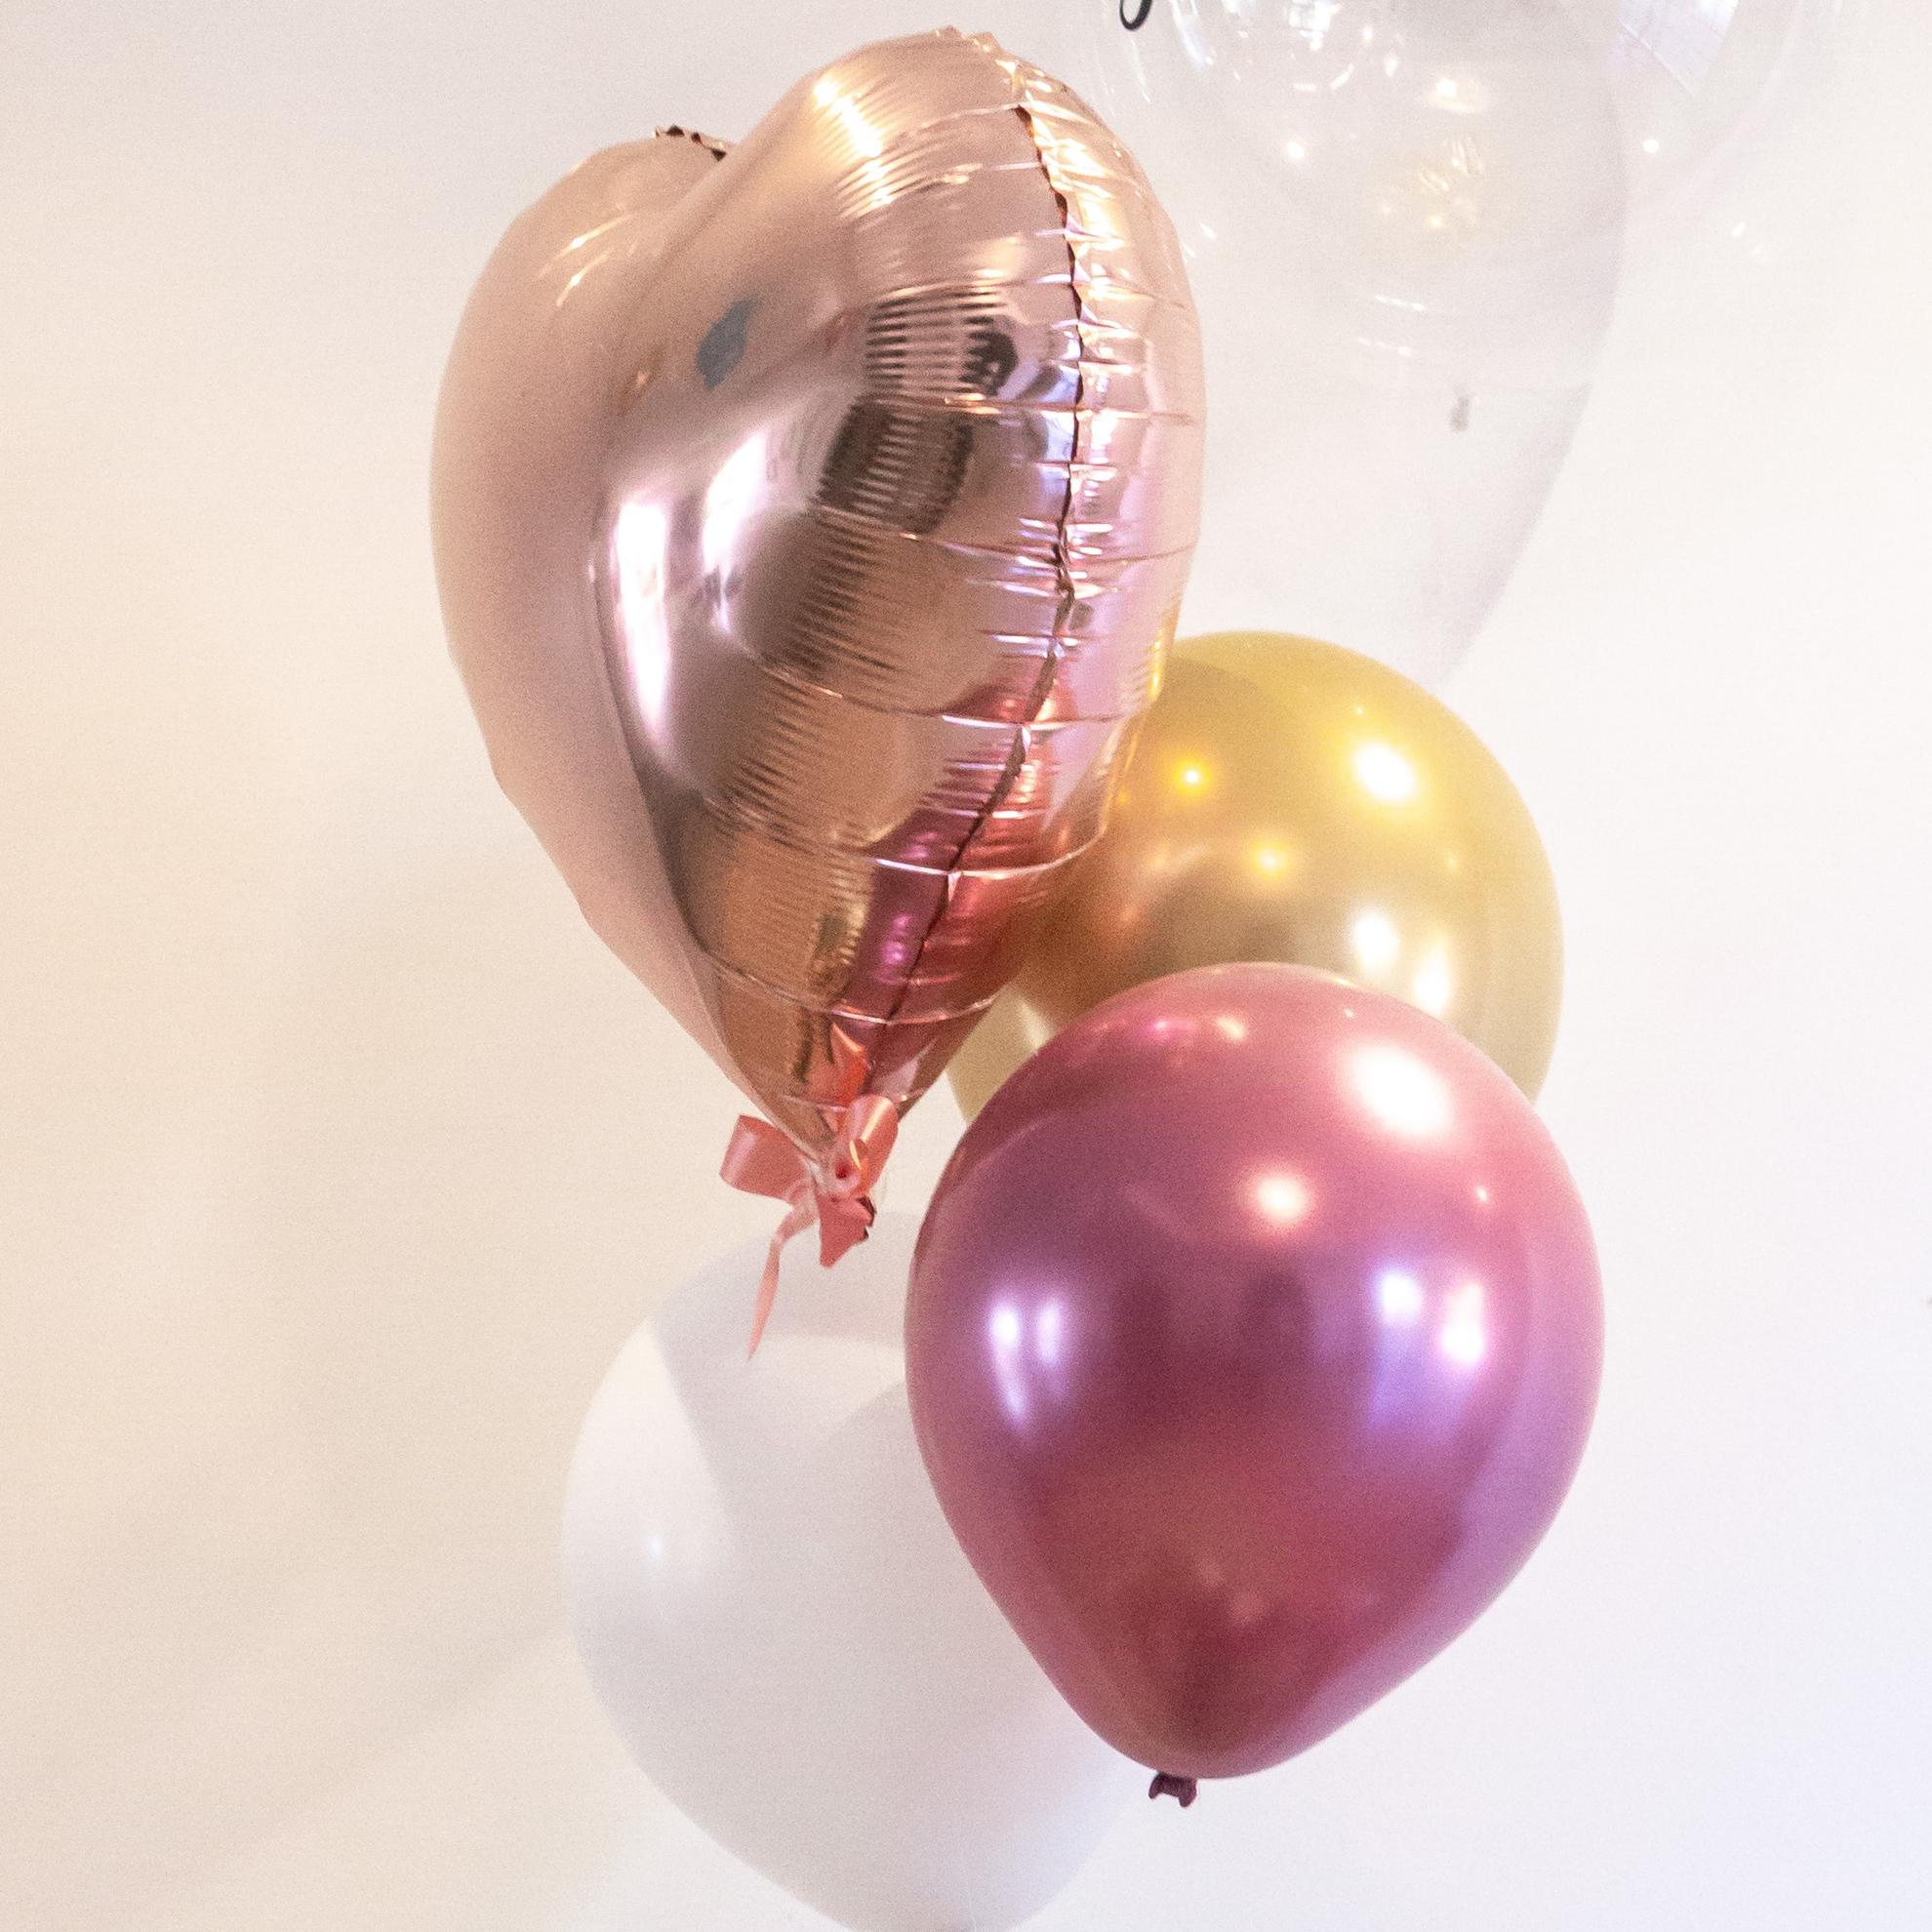 Trio de Balões [+R$ 160,00]